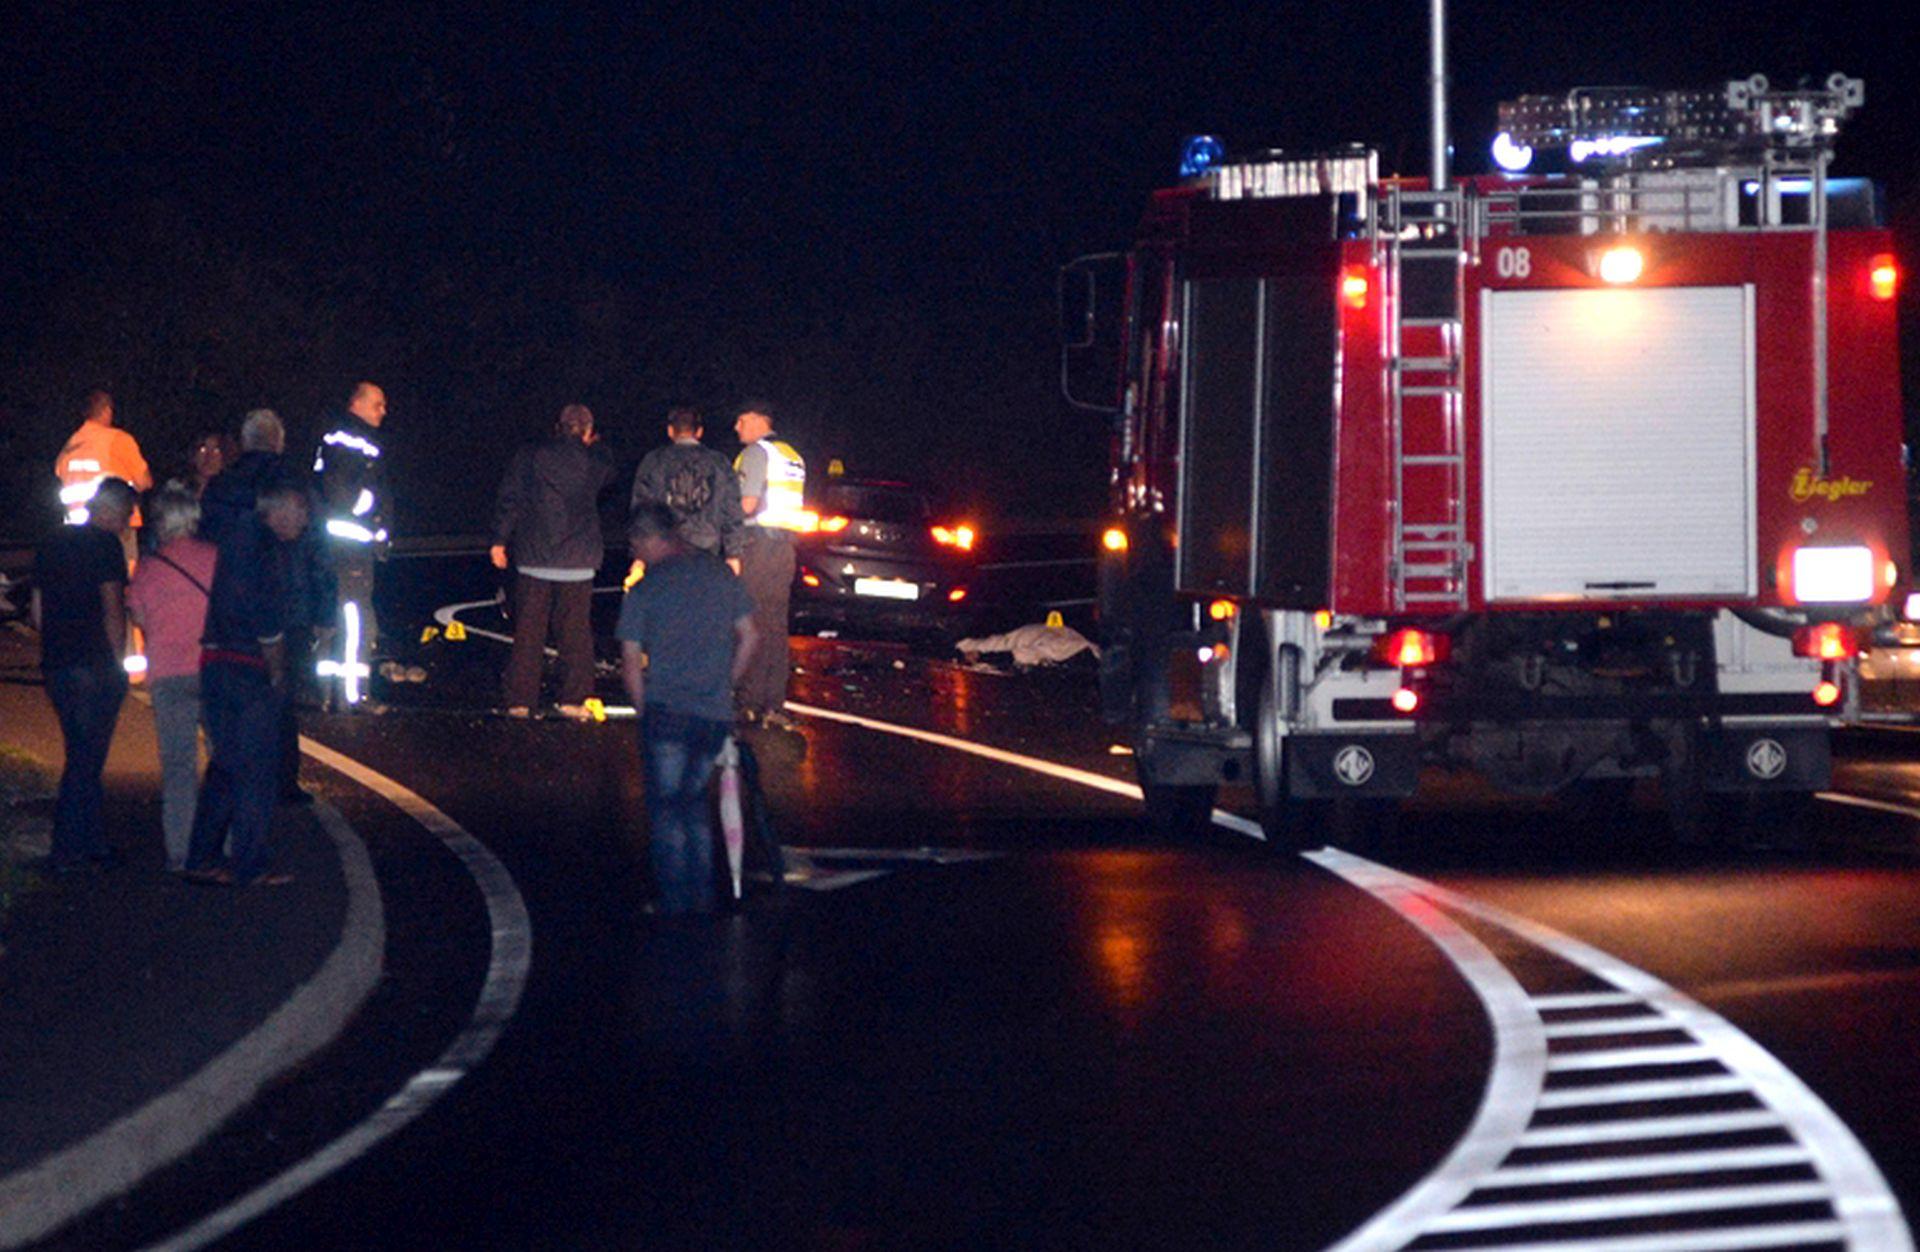 PROMETNA NESREĆA: Policija objavila kako je došlo nesreće u mjestu Turčin